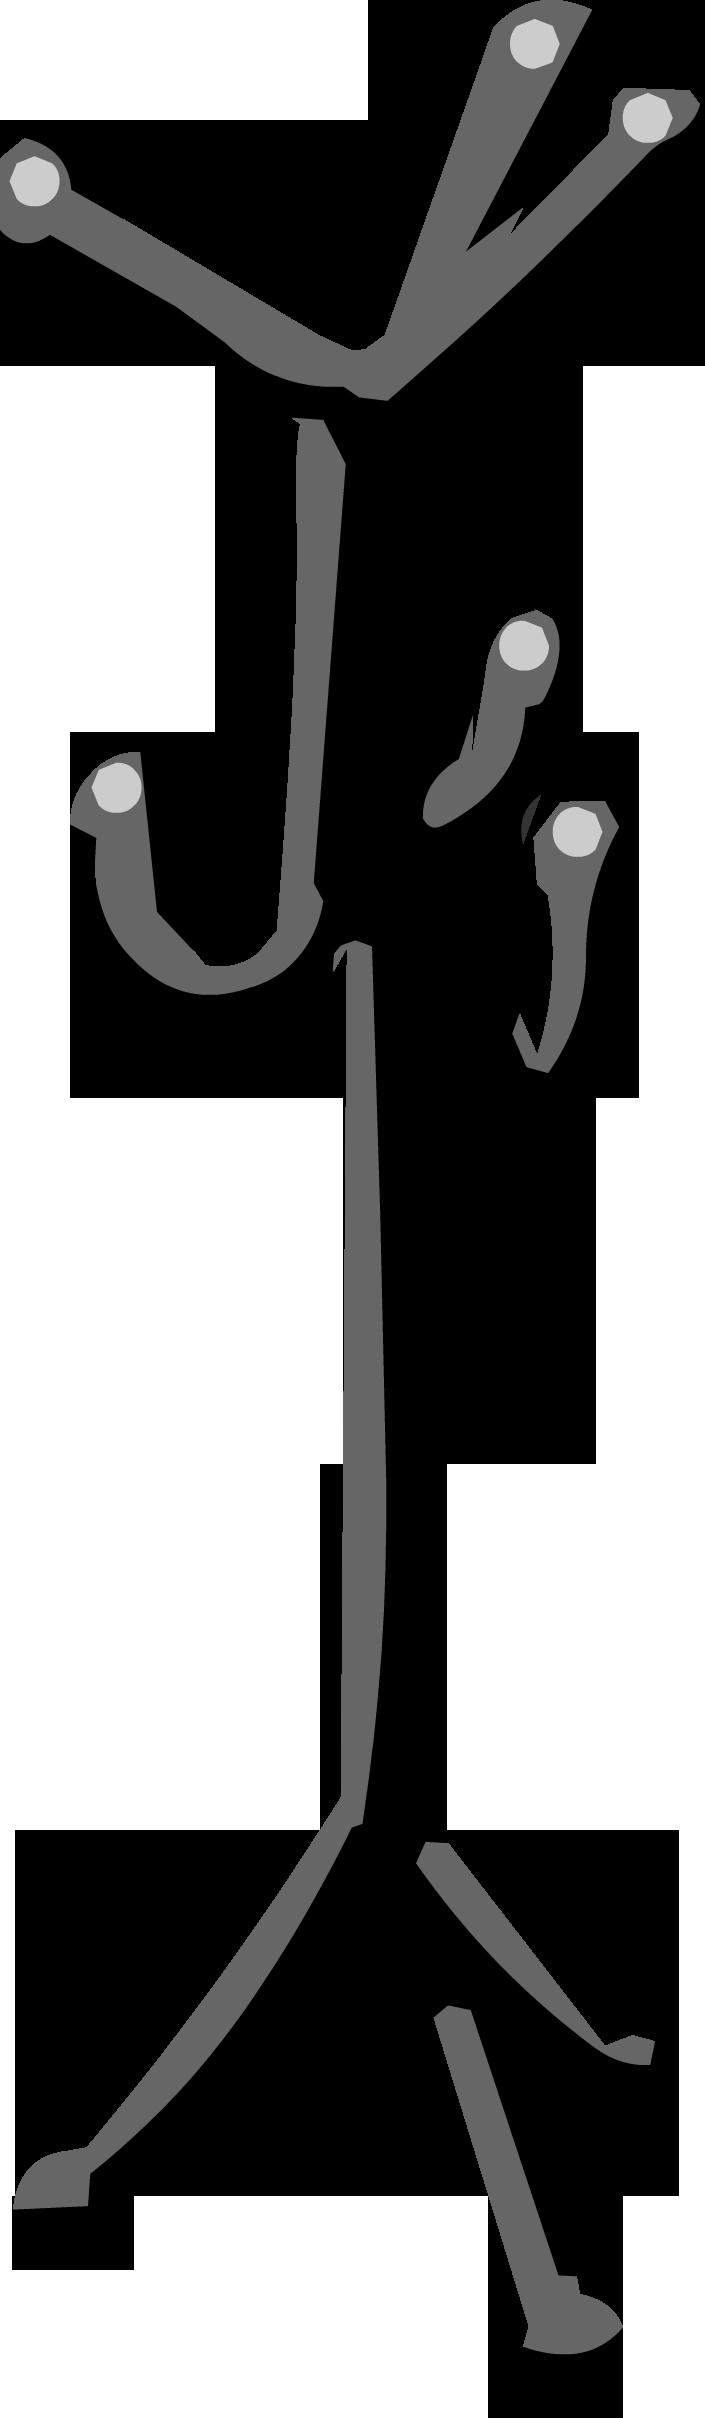 Coat Free Coats Cliparts Clip Art On Transparent Png - Formal Wear , Free  Transparent Clipart - ClipartKey